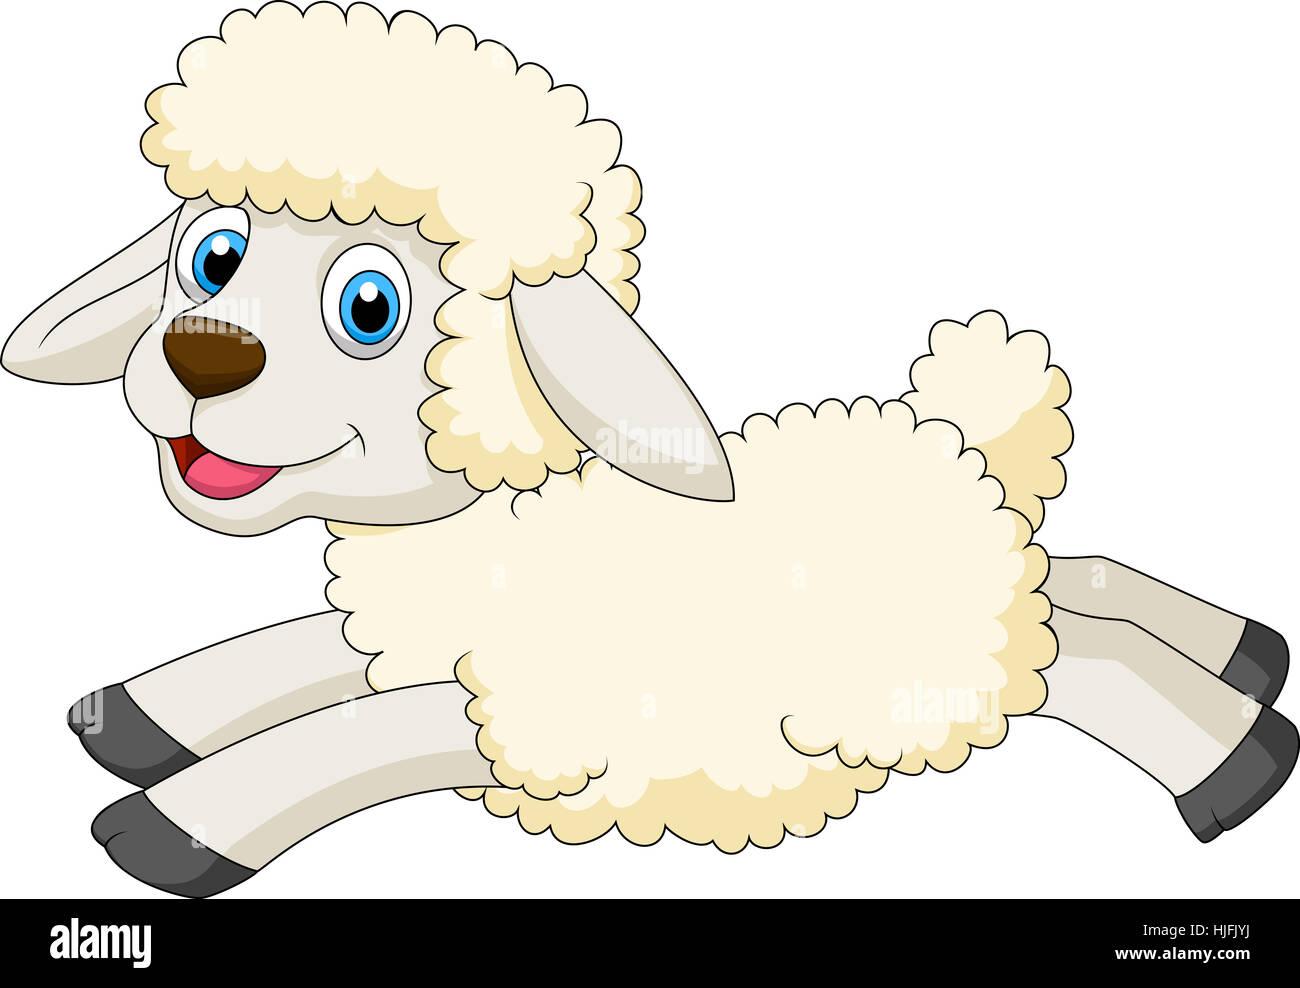 sheep, spring, bouncing, bounces, hop, skipping, frisks, jumping, jump, cub, Stock Photo